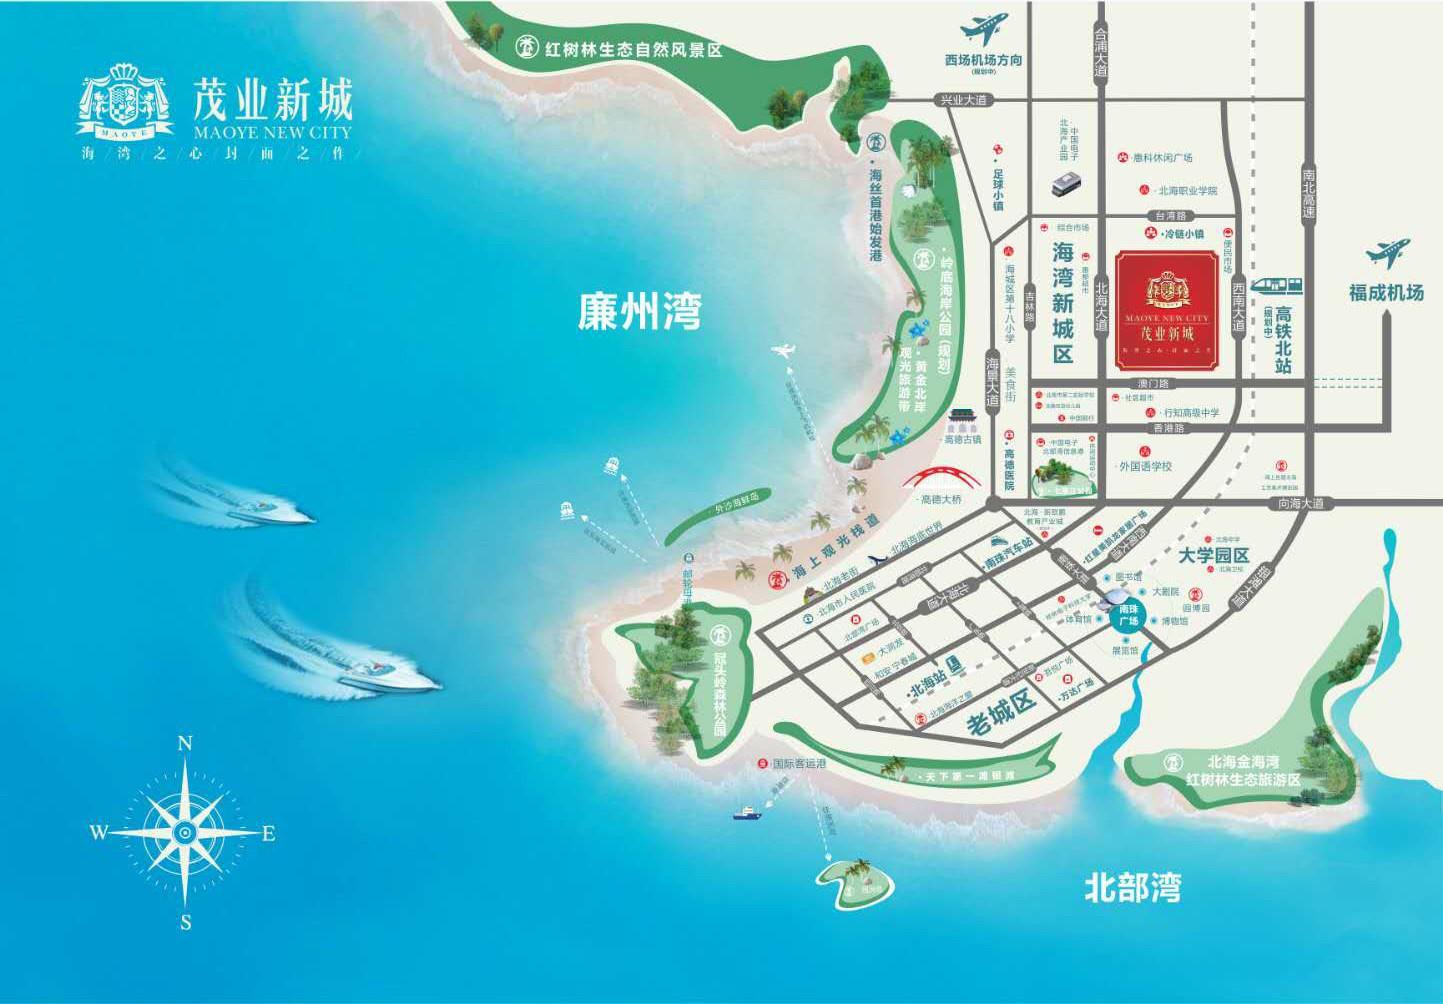 茂业新城位置图